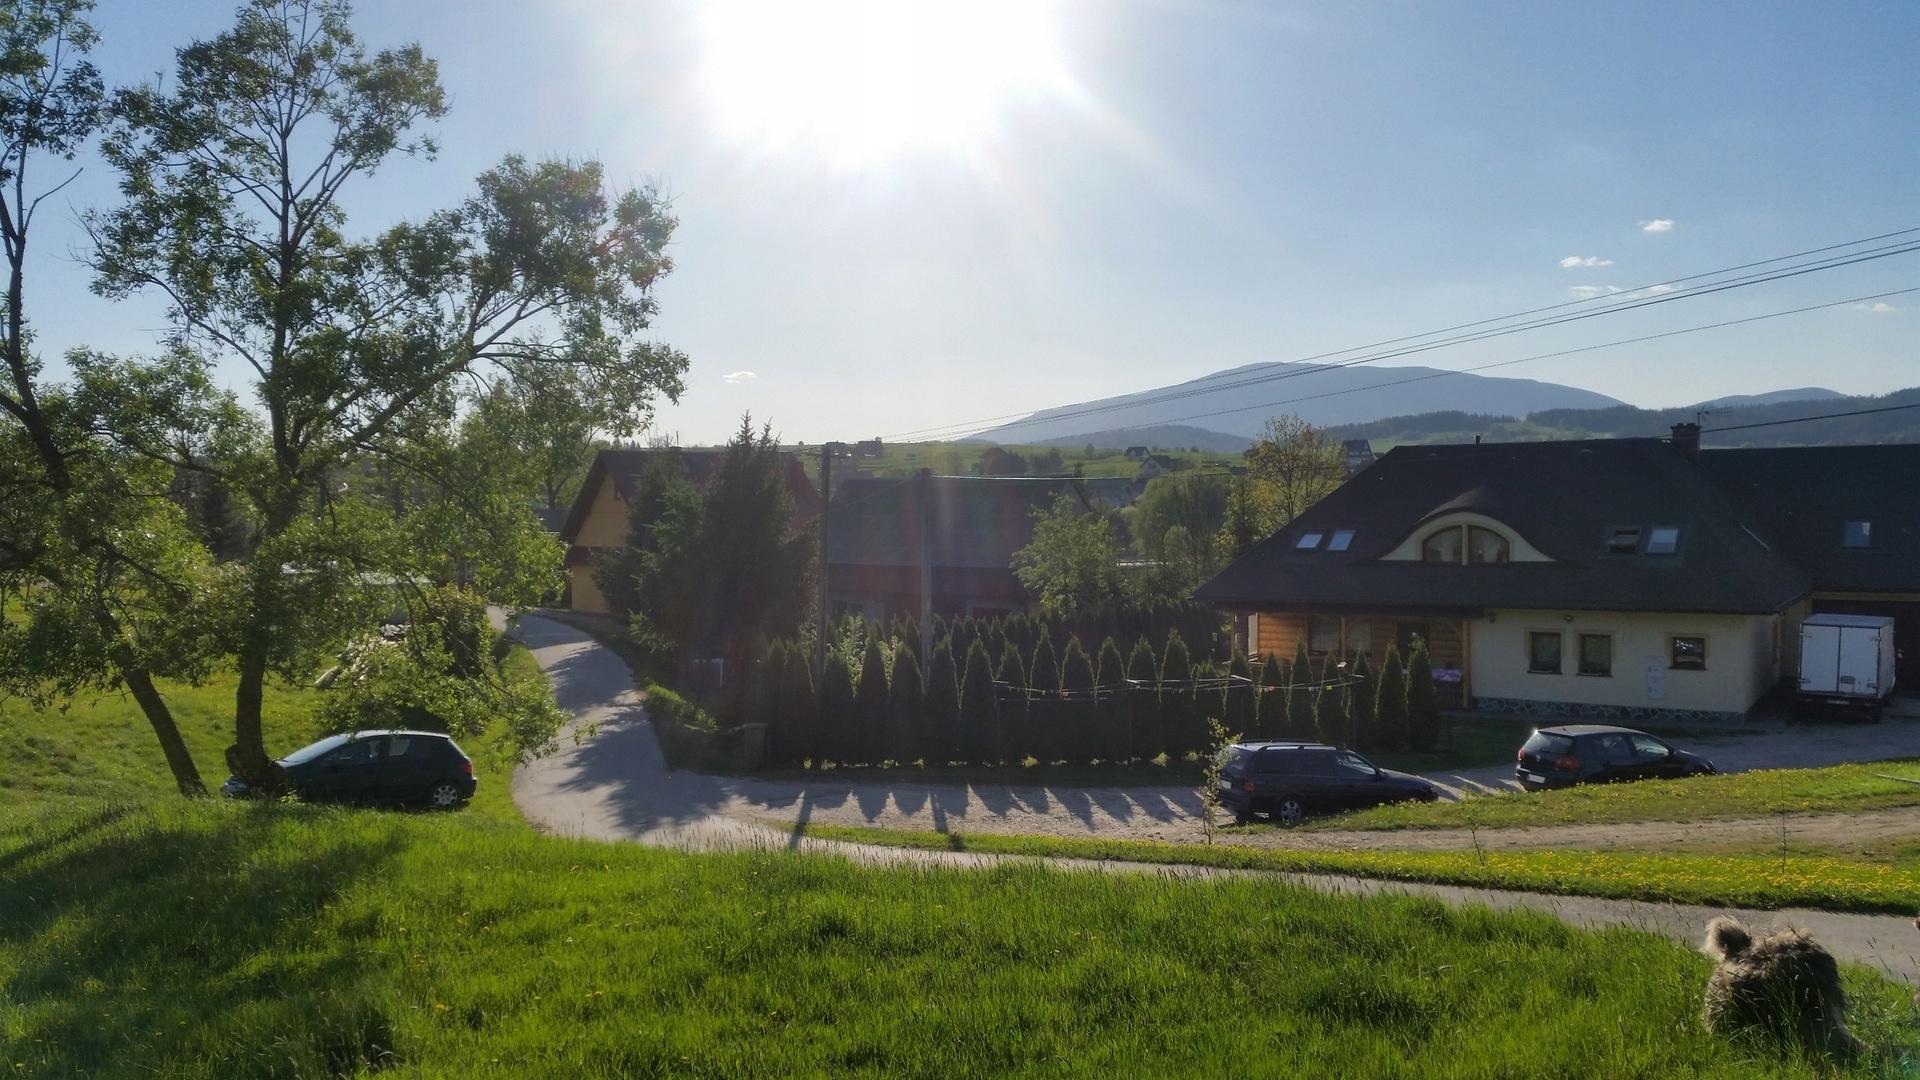 Działka budowlana Podwilk, Zakopane - 45 km